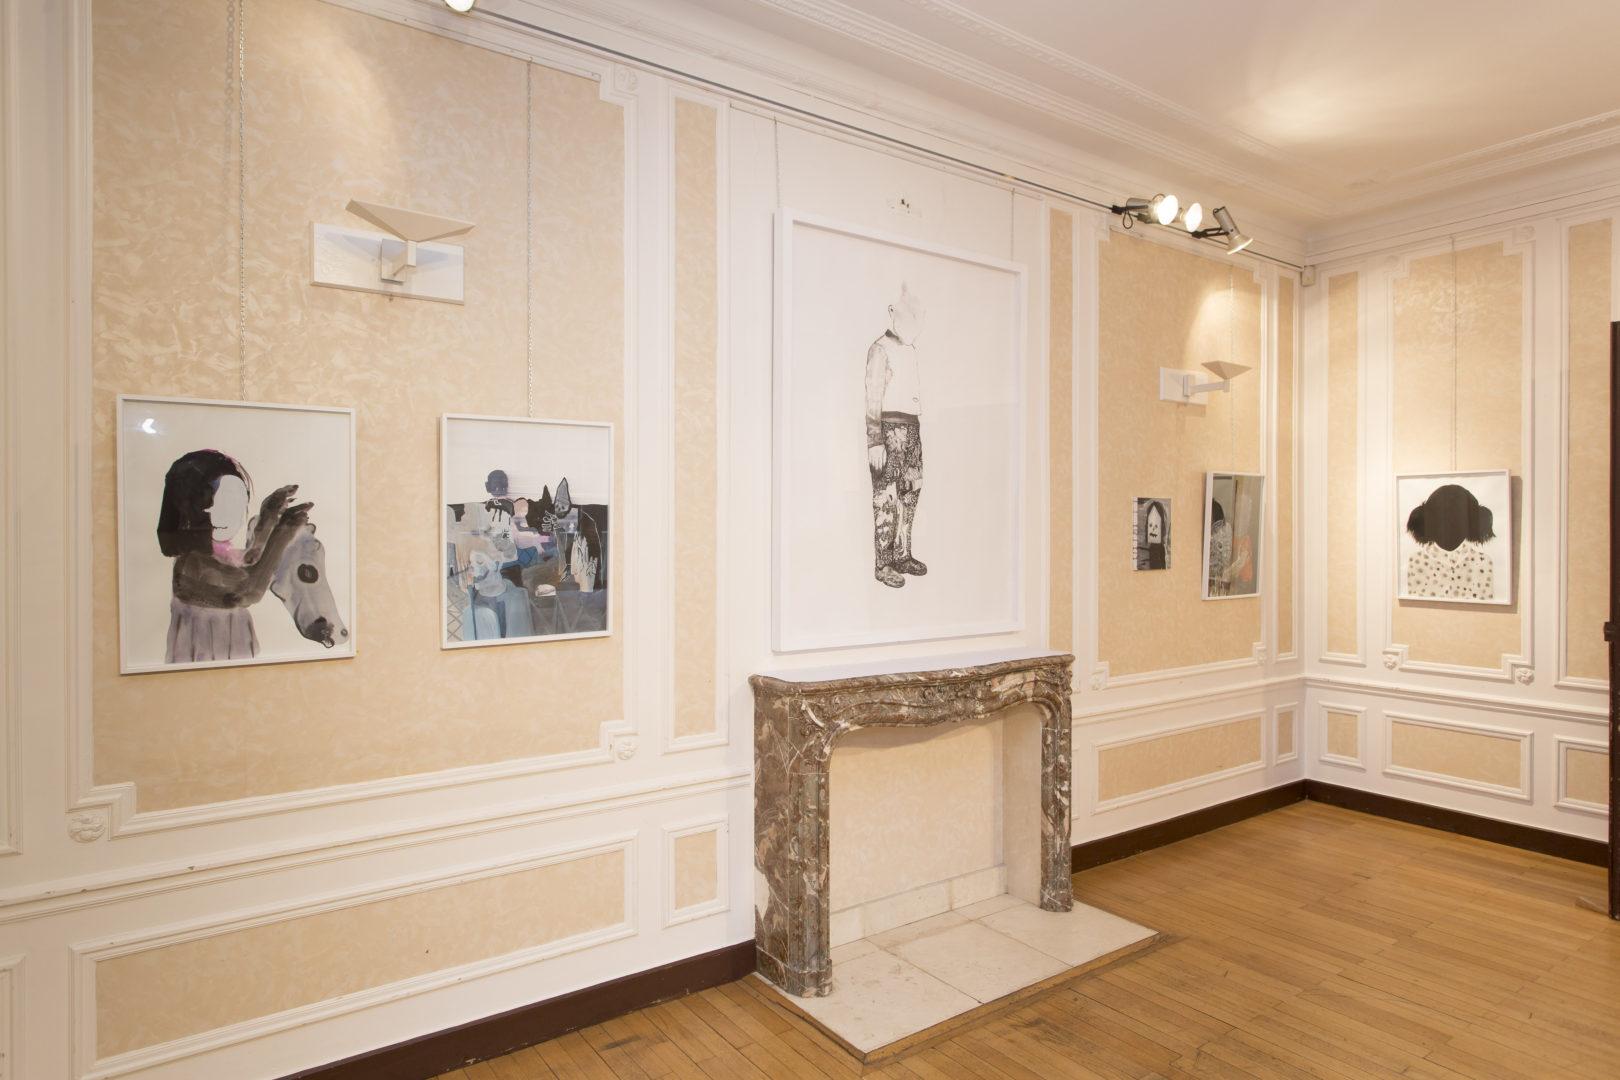 Vue de l'exposition Disparates - Commissaire : Philippe Ancelin - Villa St Cyr, 2016